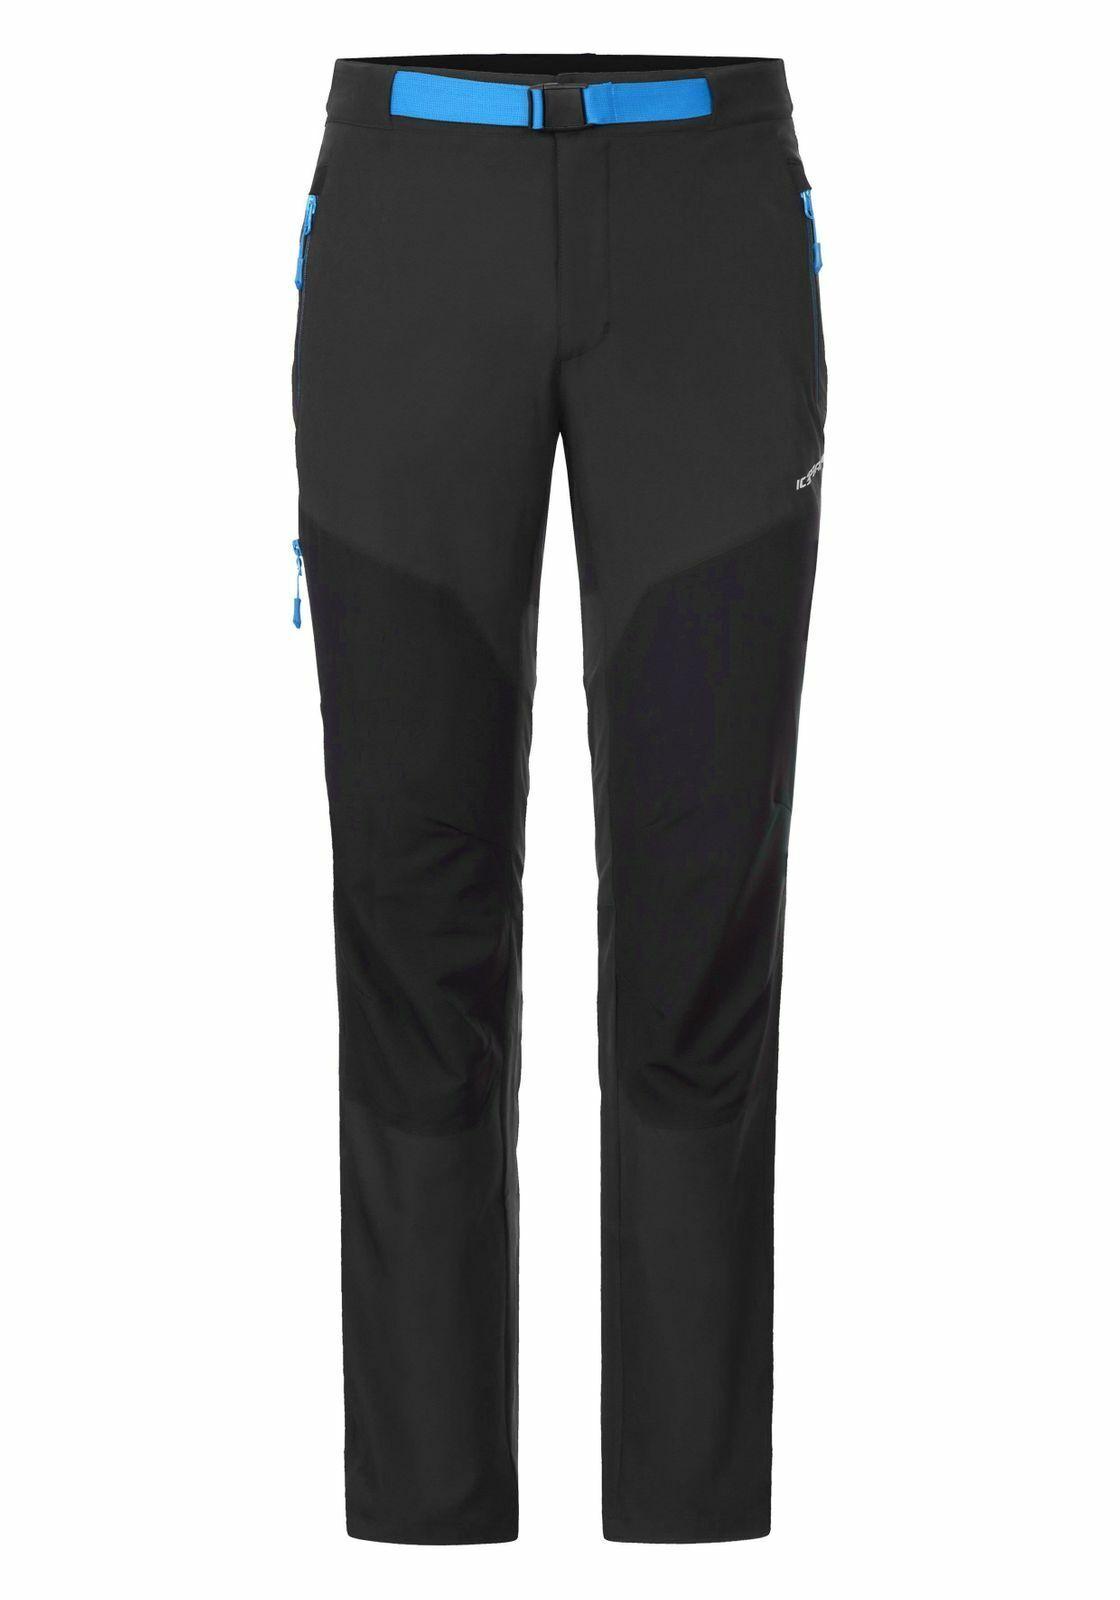 Icepeak Mens Hiking Trekking Outdoor Trousers santeri Grey bluee